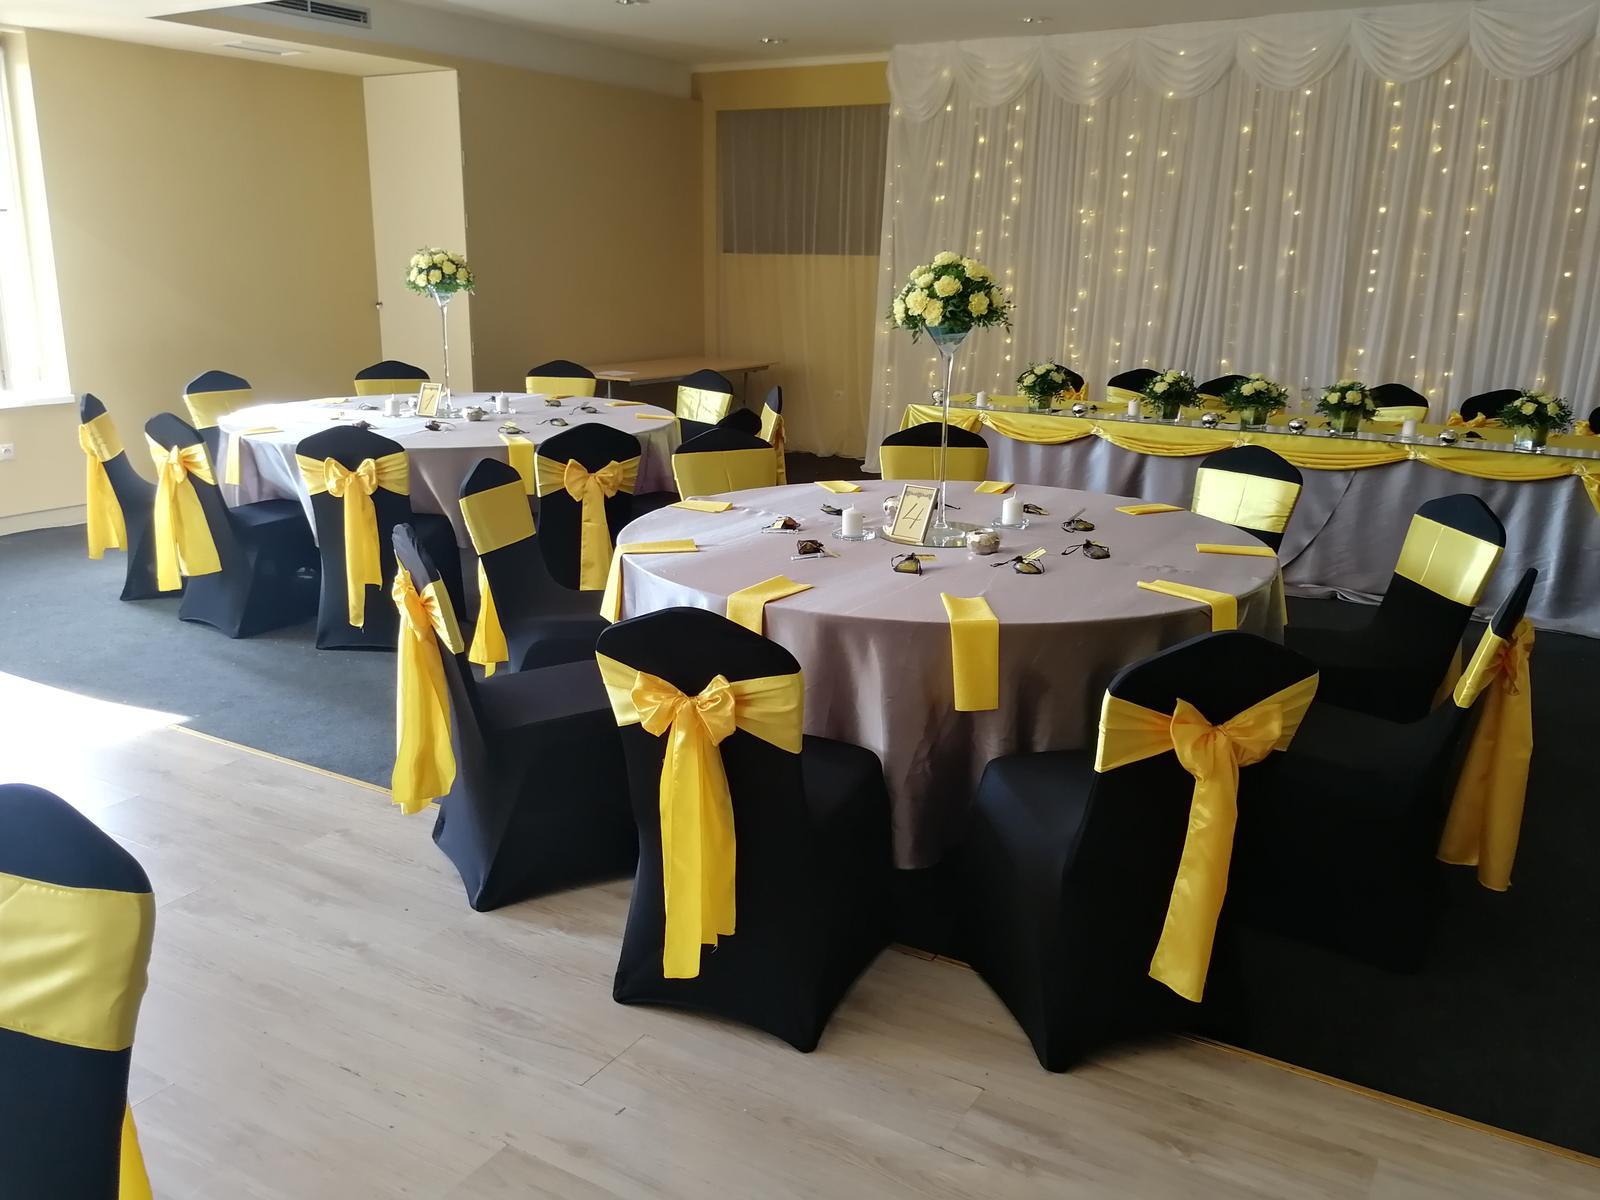 Svadba 14.9.2018 čierno-žlto-sivá kombinácia - Obrázok č. 31